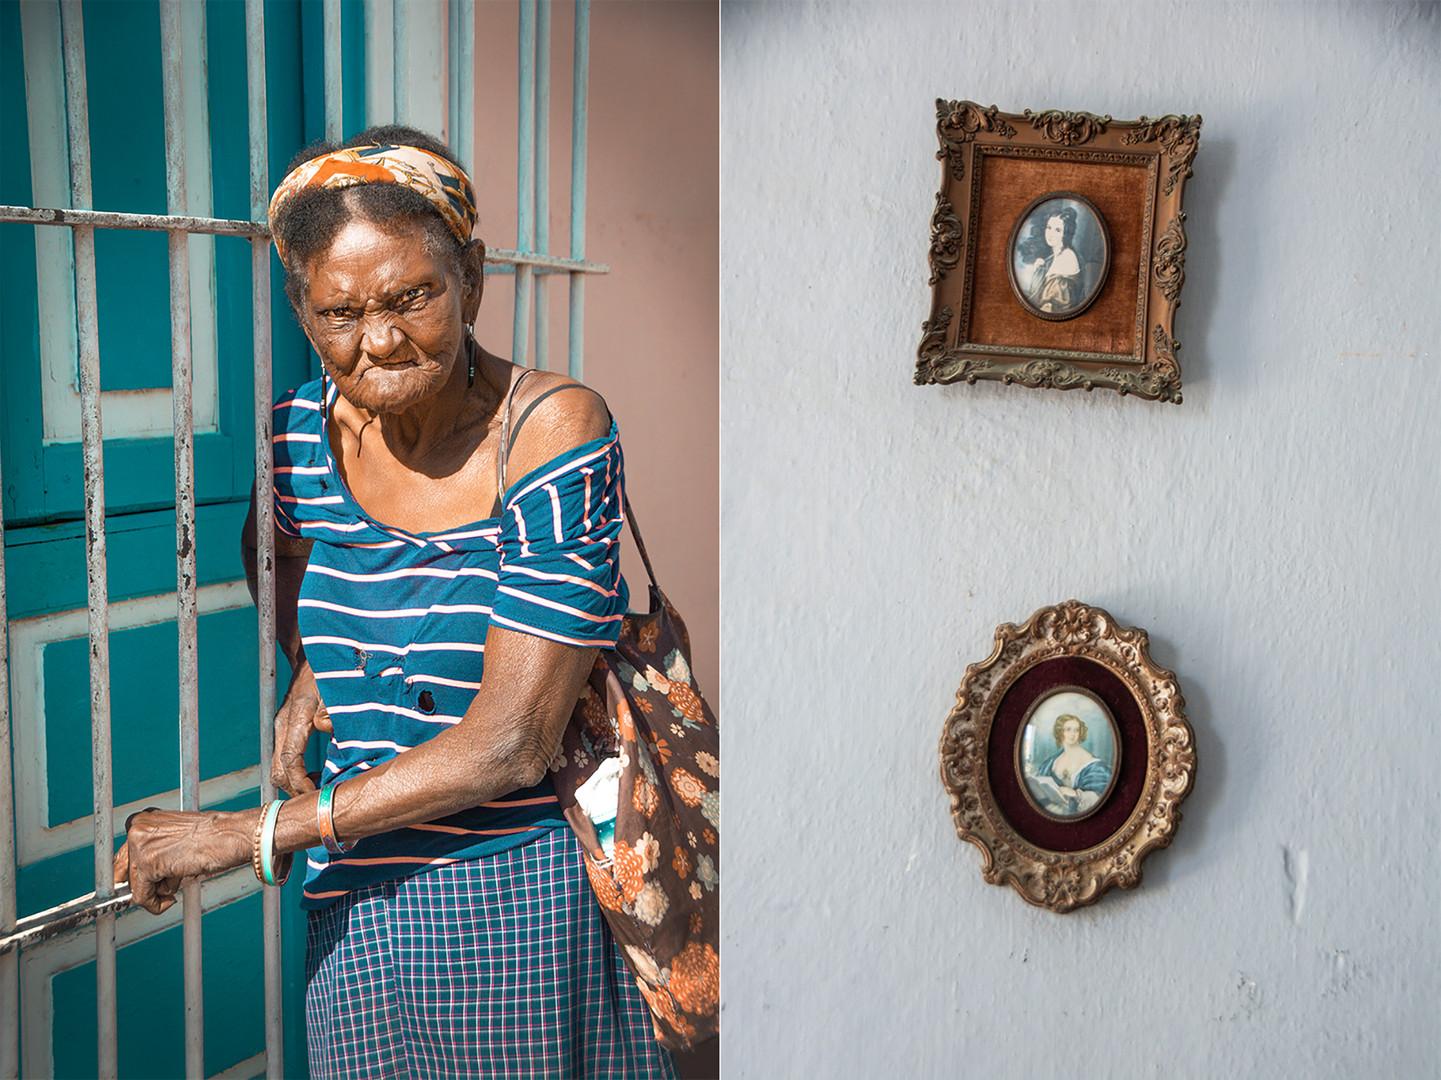 Cuba_double_144dpi_04 Kopie.jpg